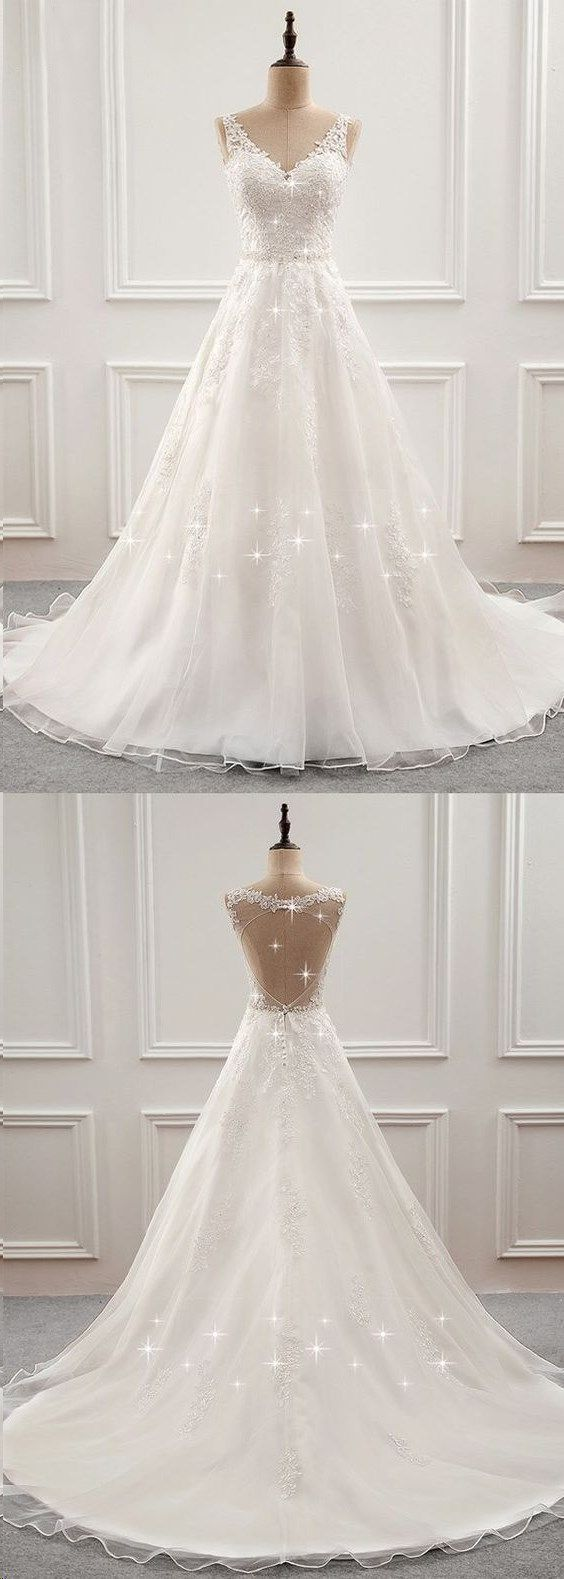 Brautkleider Ballkleider, Brautkleider Spitze, Brautkleider mit Trägern, Hochzeiten …